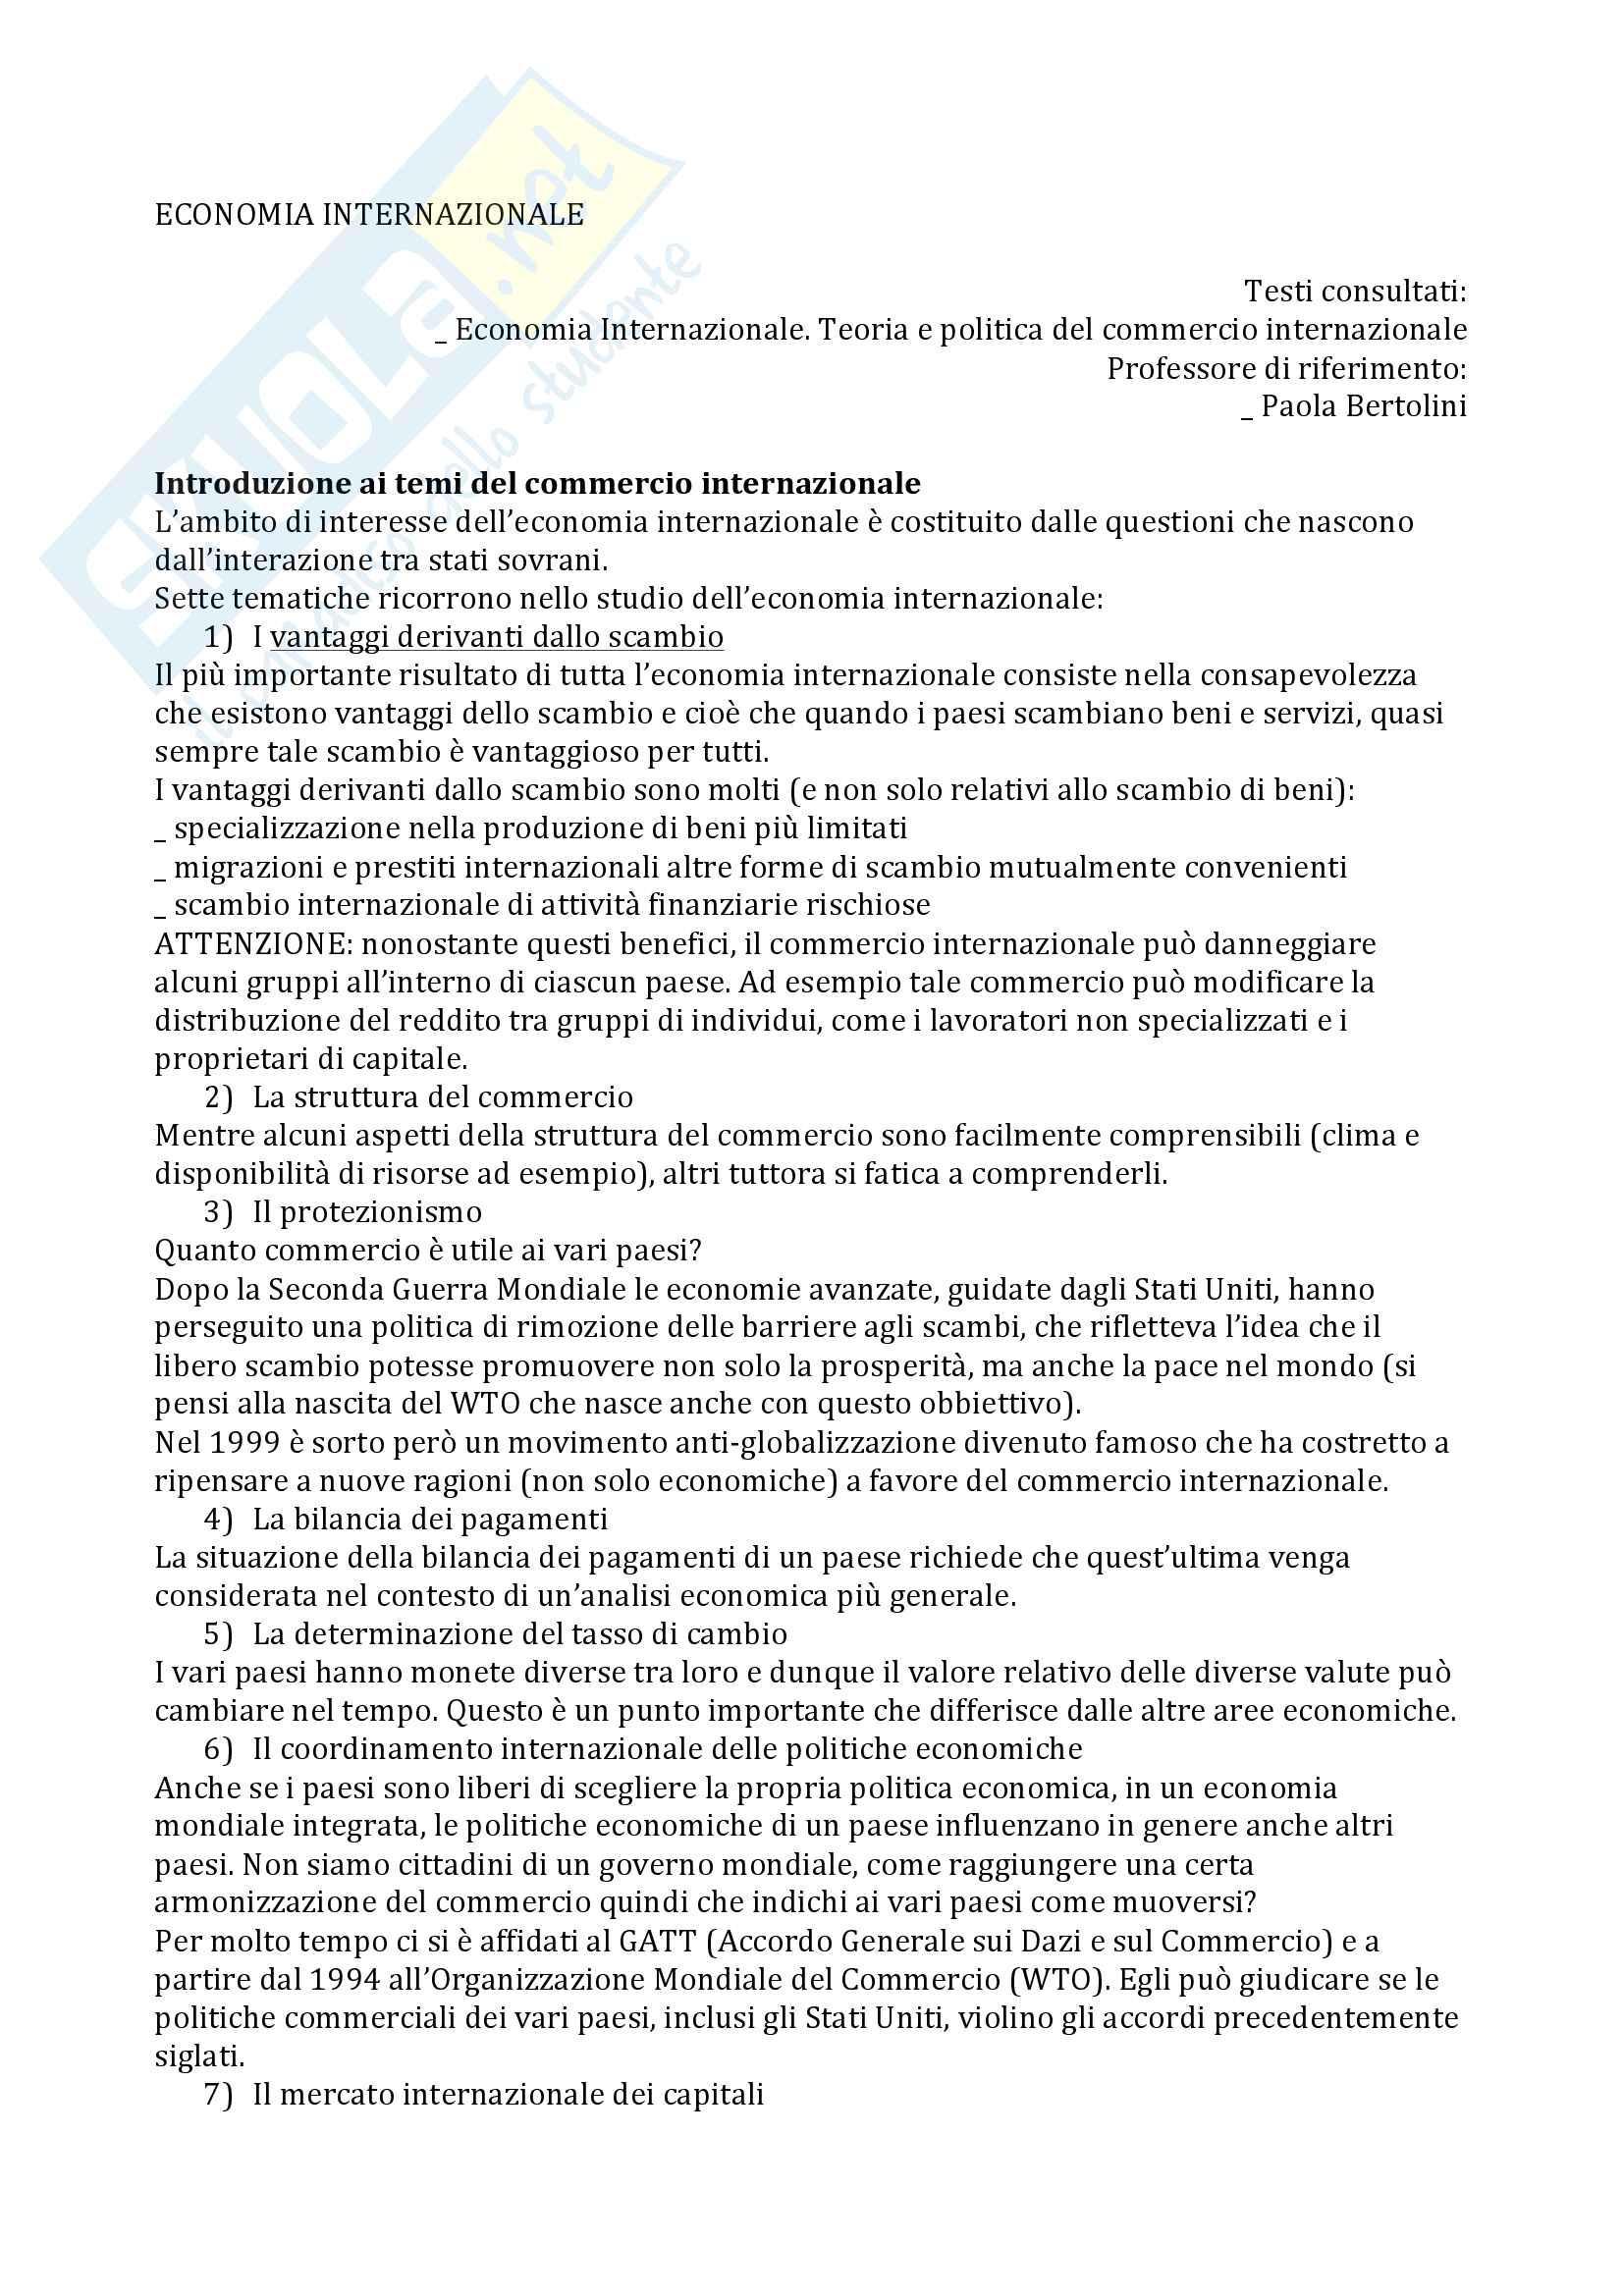 Appunti esame Economia internazionale